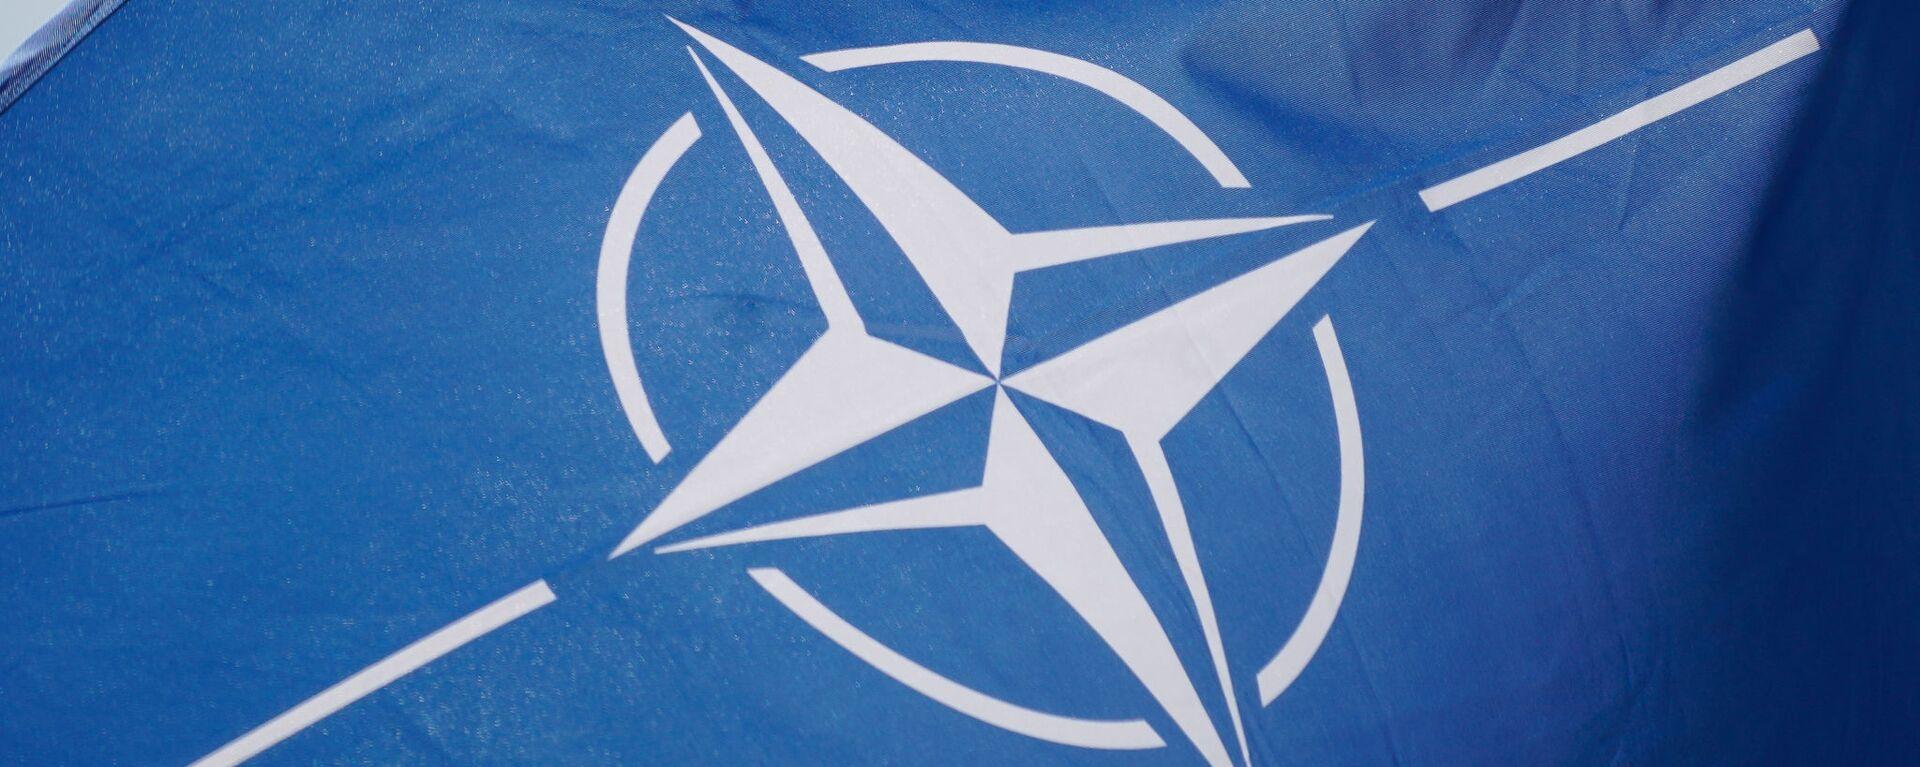 NATO karogs - Sputnik Latvija, 1920, 27.08.2021